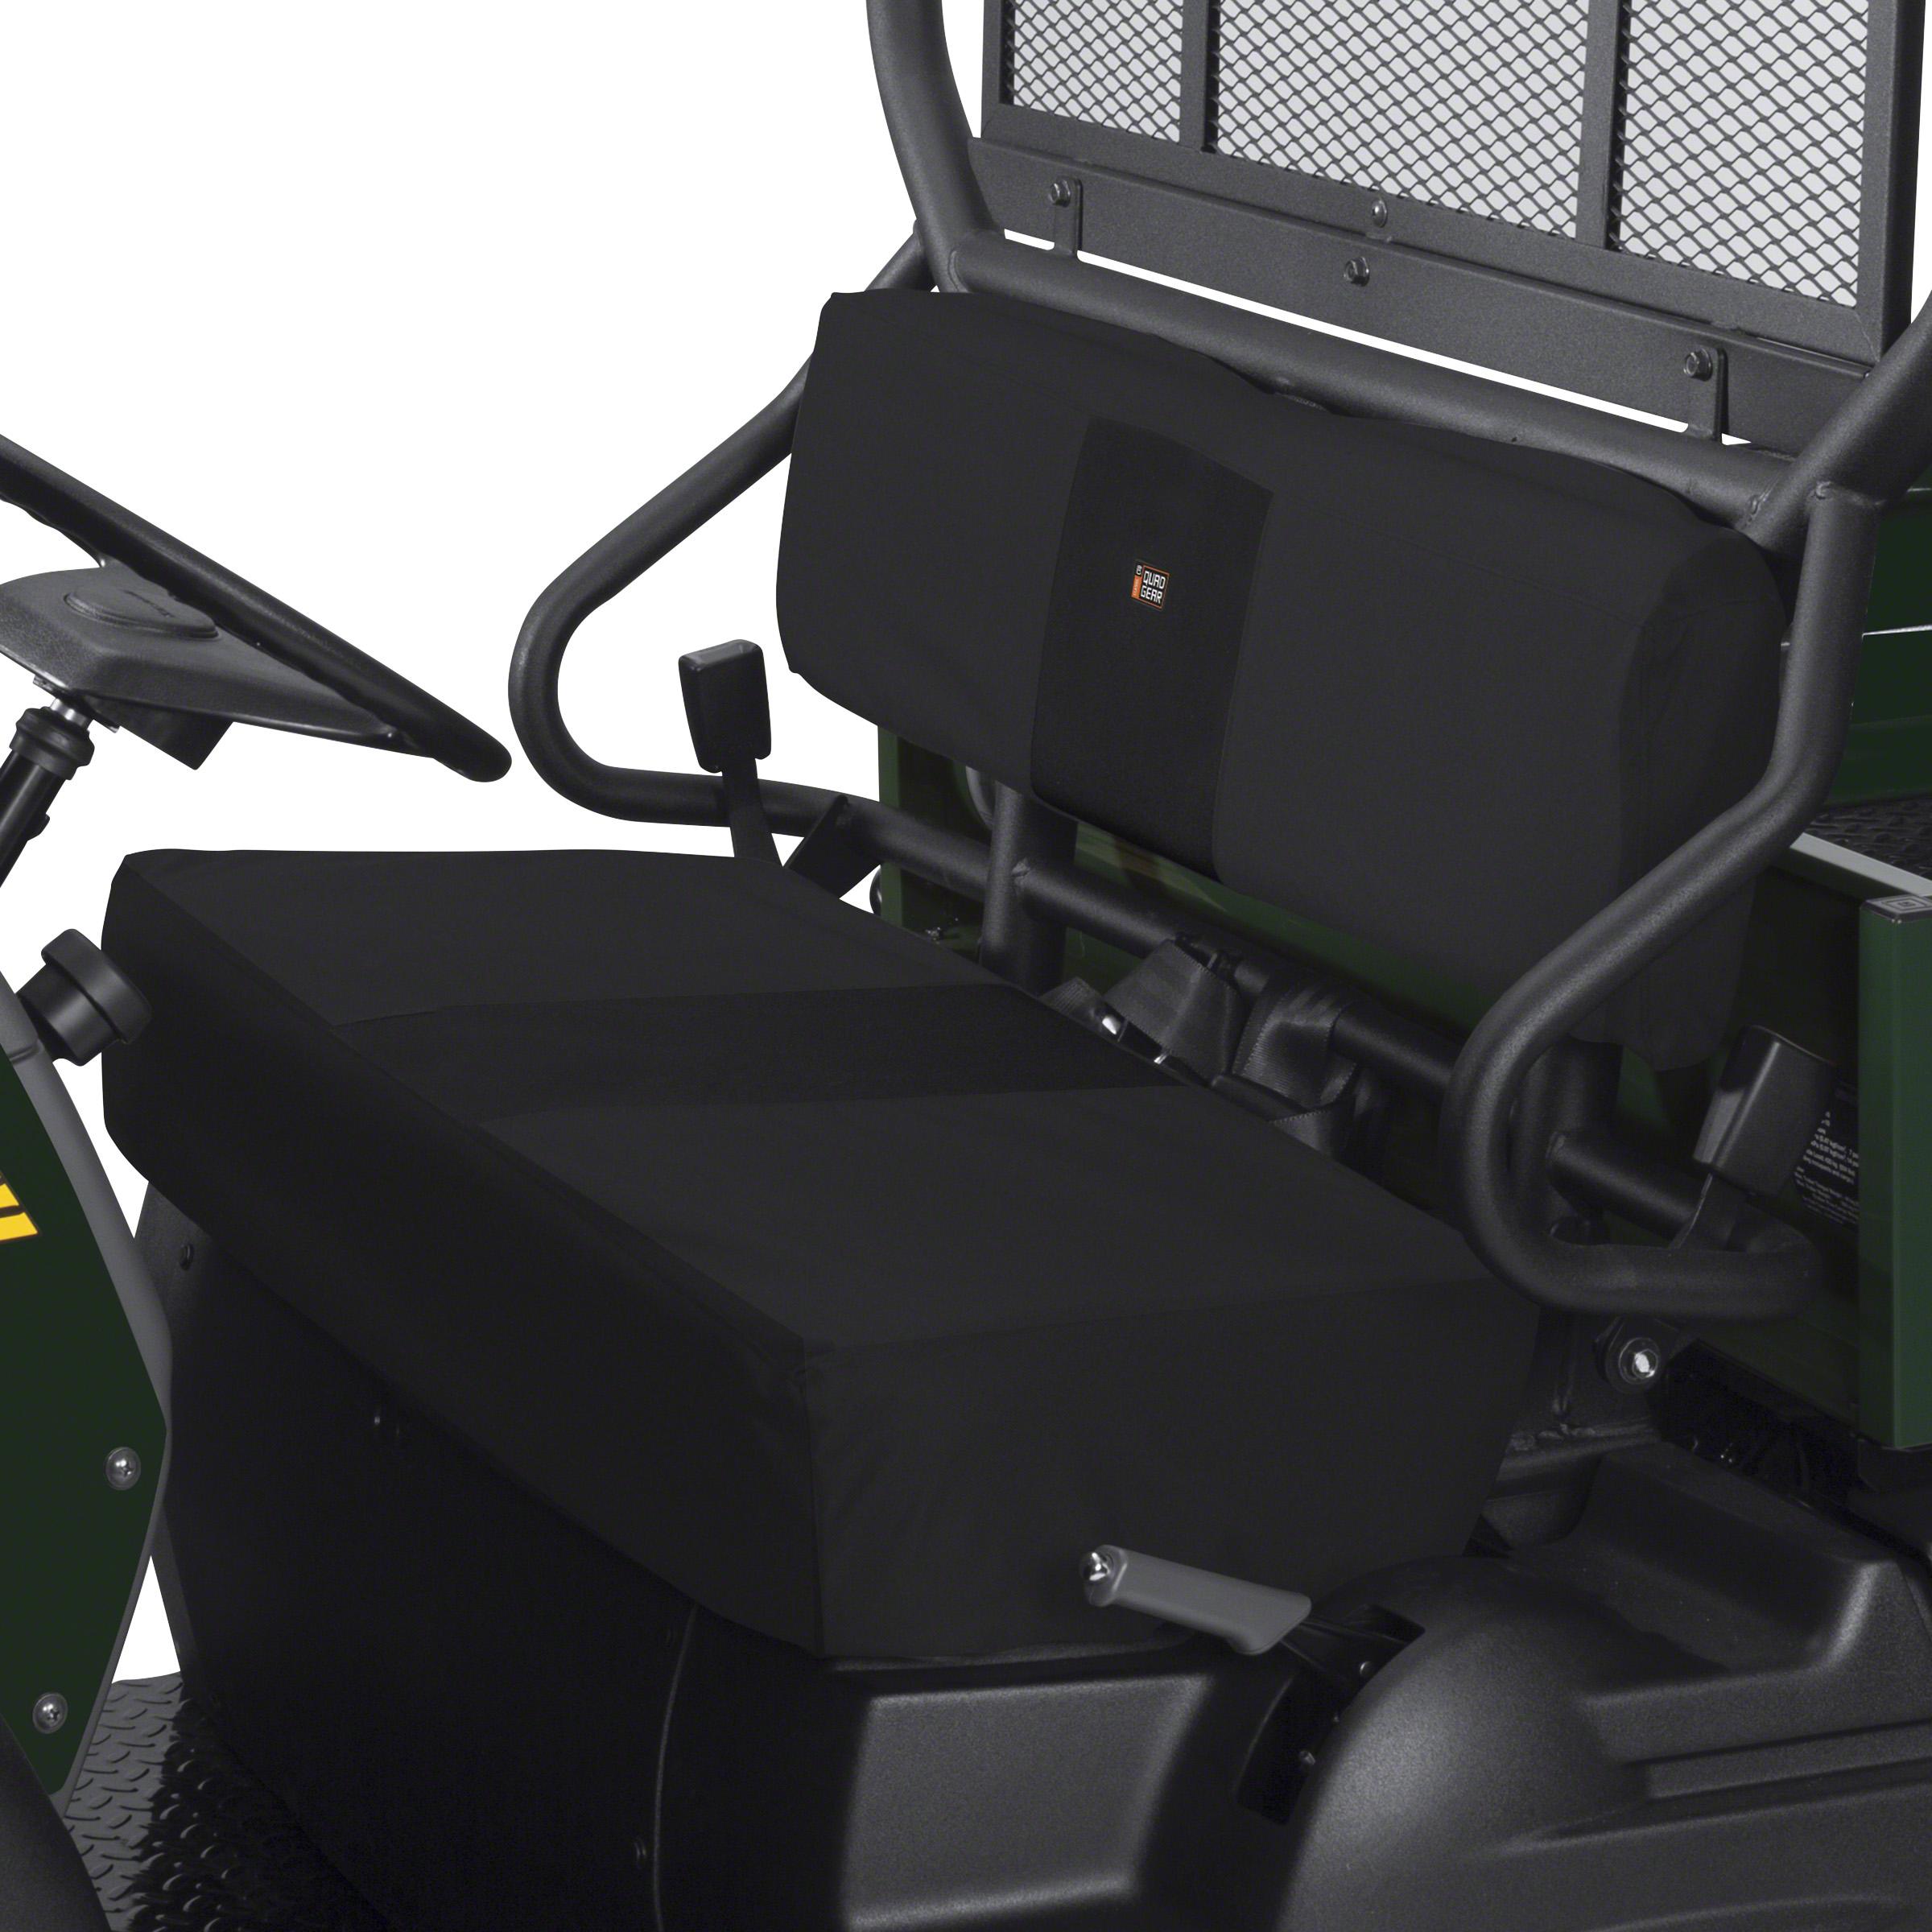 Classic Accessories QuadGear UTV Bench Seat Cover, Black